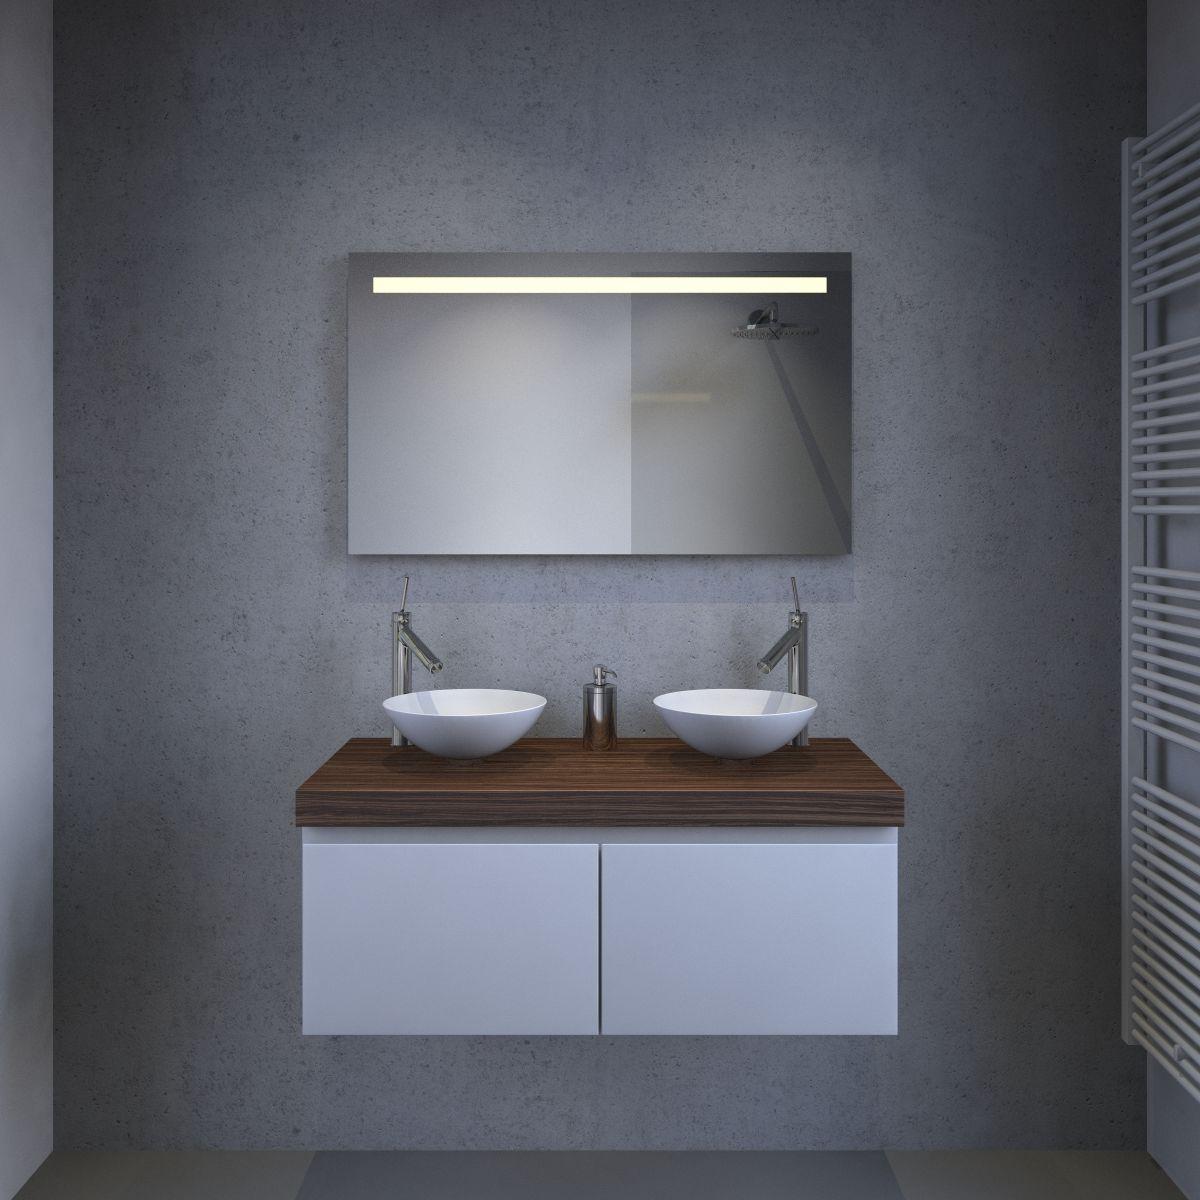 Badkamer verlichting op spiegel badkamer ontwerp idee n voor uw huis samen met - Ontwerp badkamer model ...